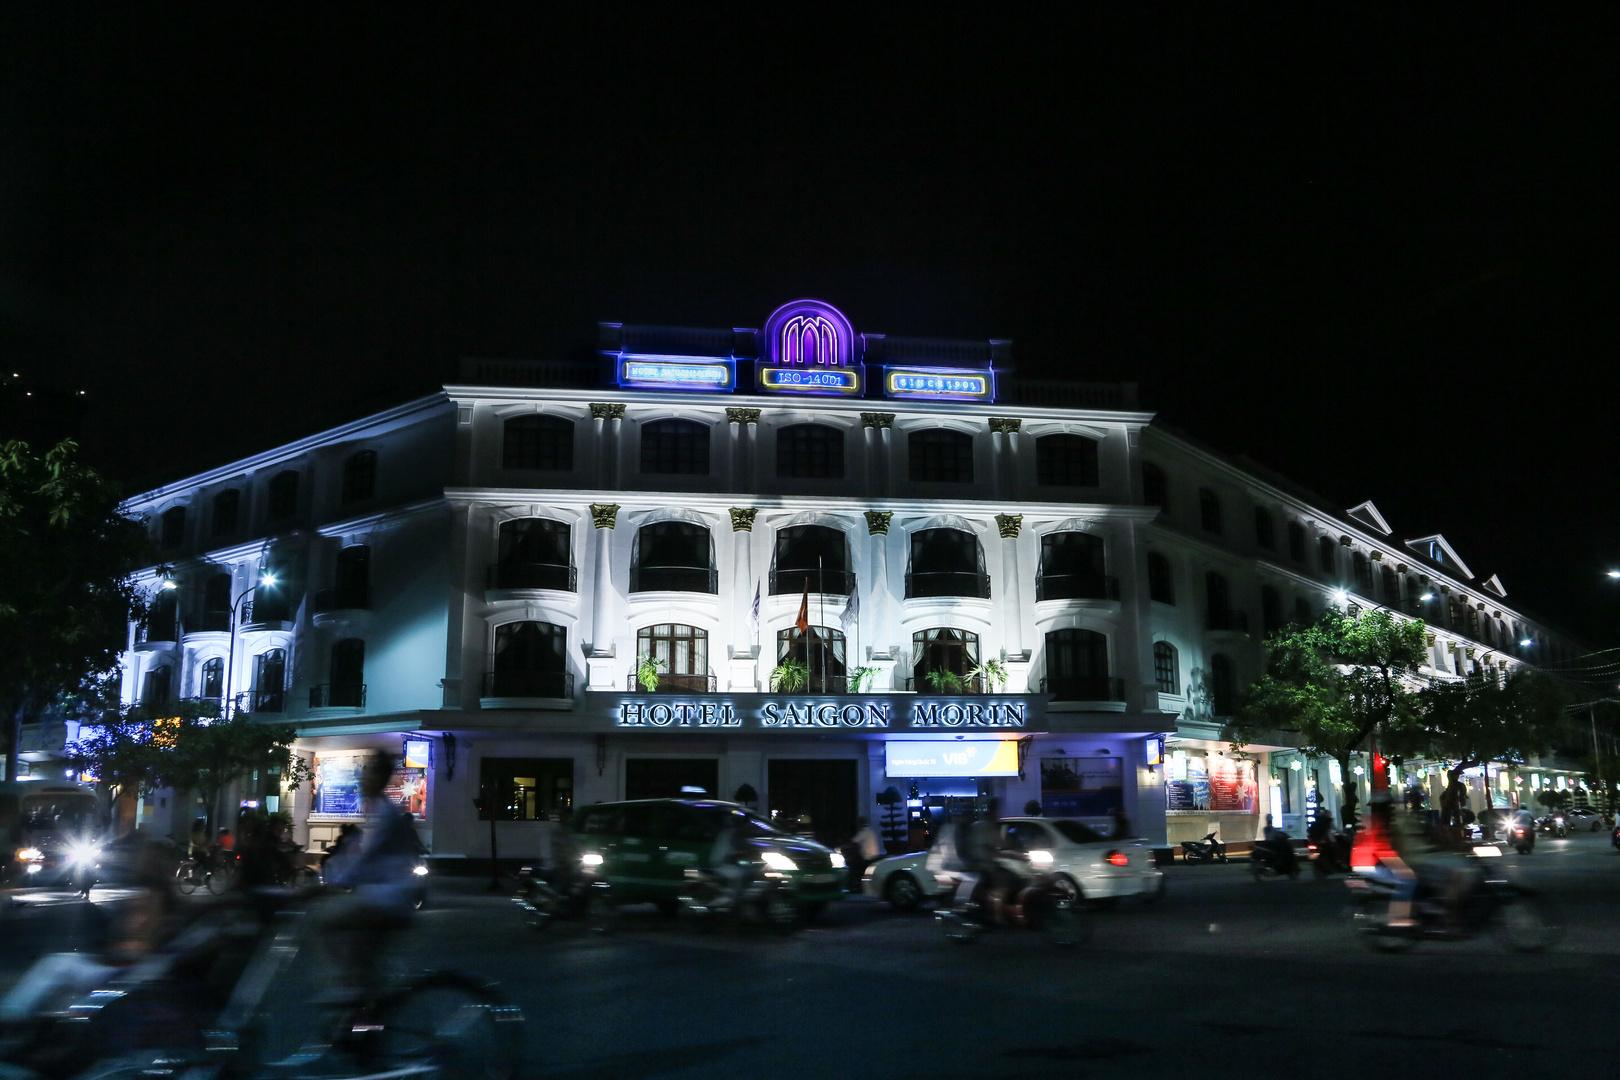 Hue, Saigon Morin Hotel